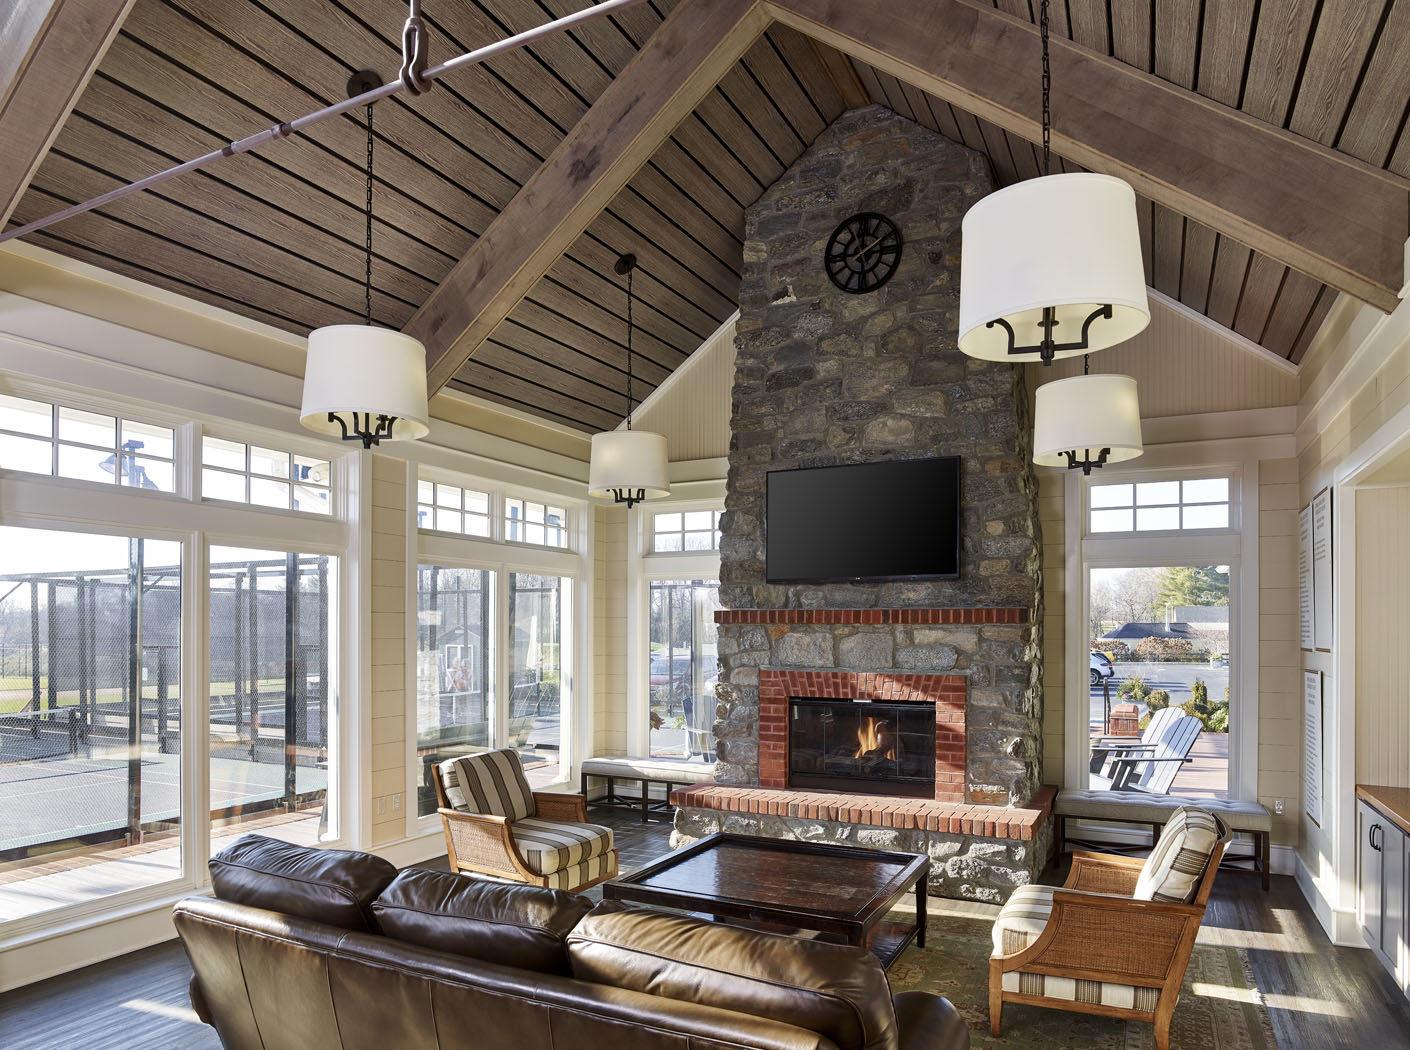 pcc_paddle_fireplace_lounge